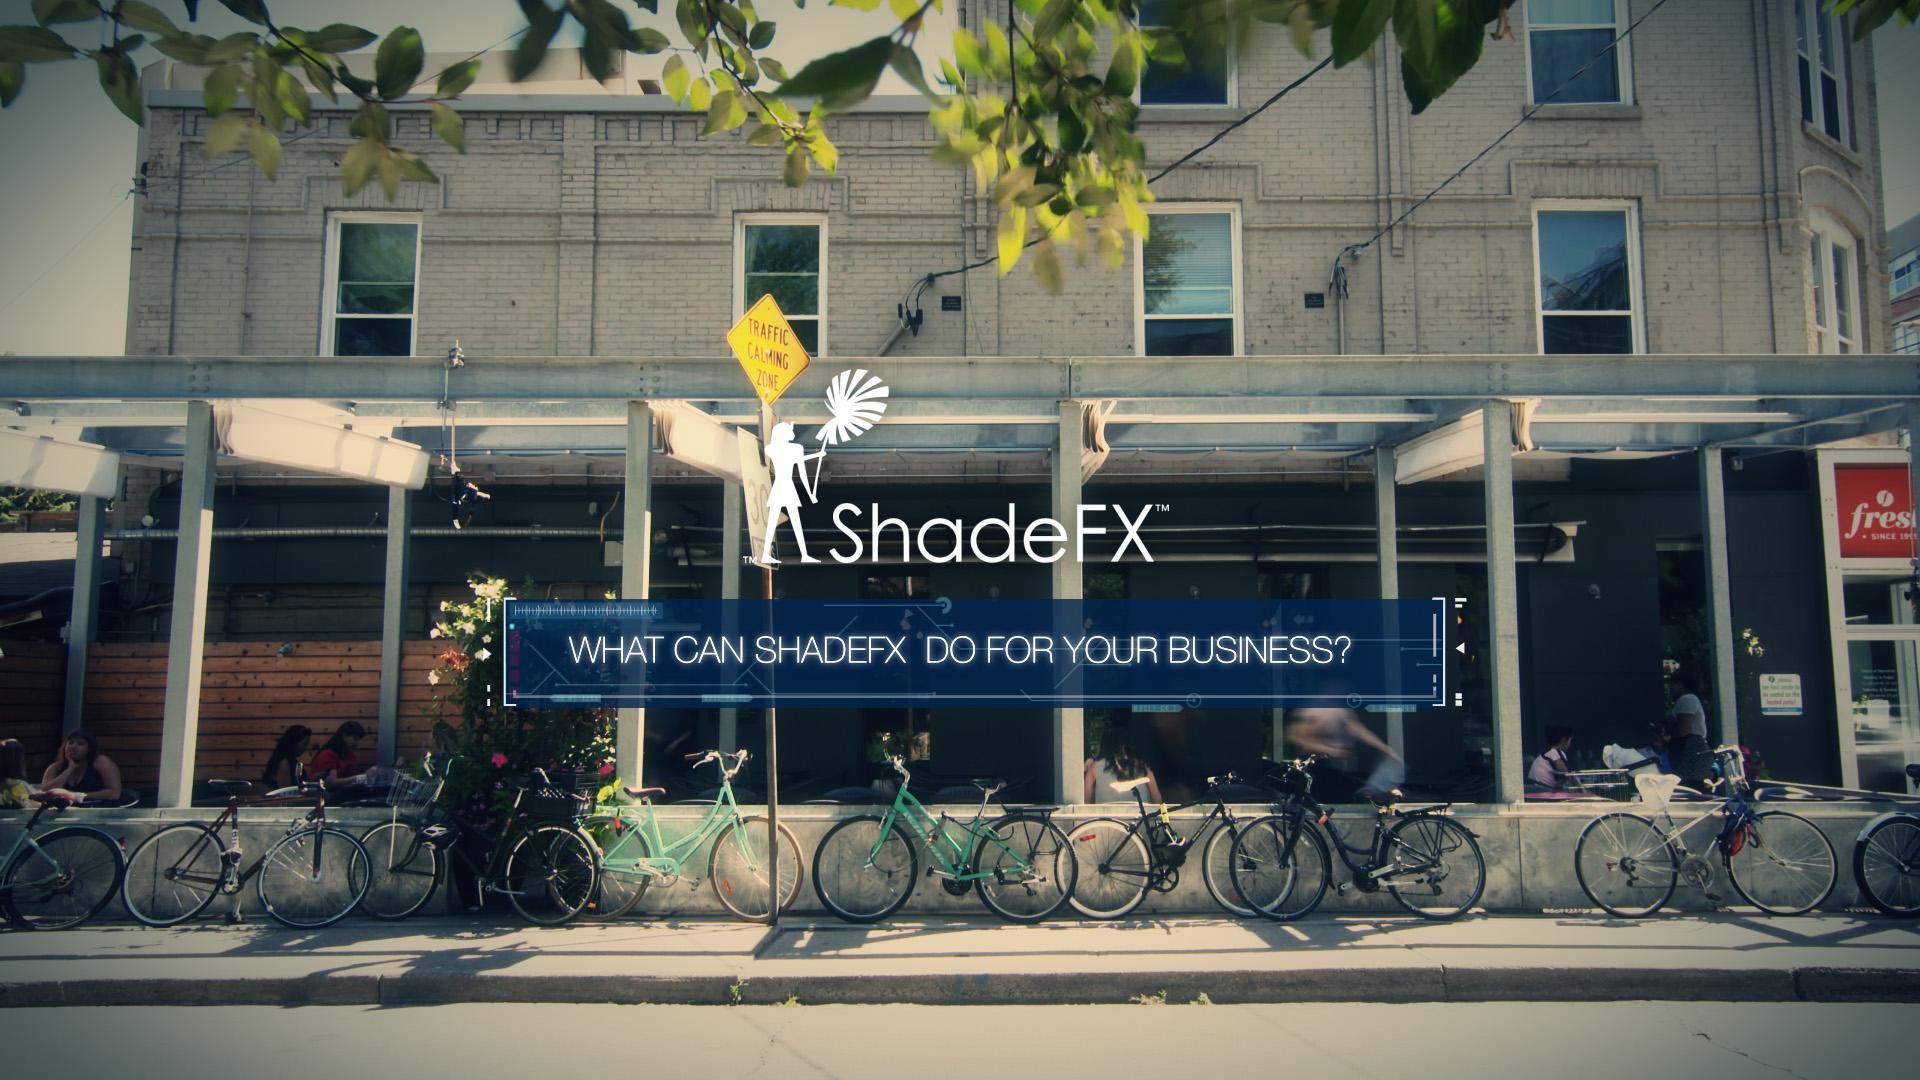 shadefx_awning_image01